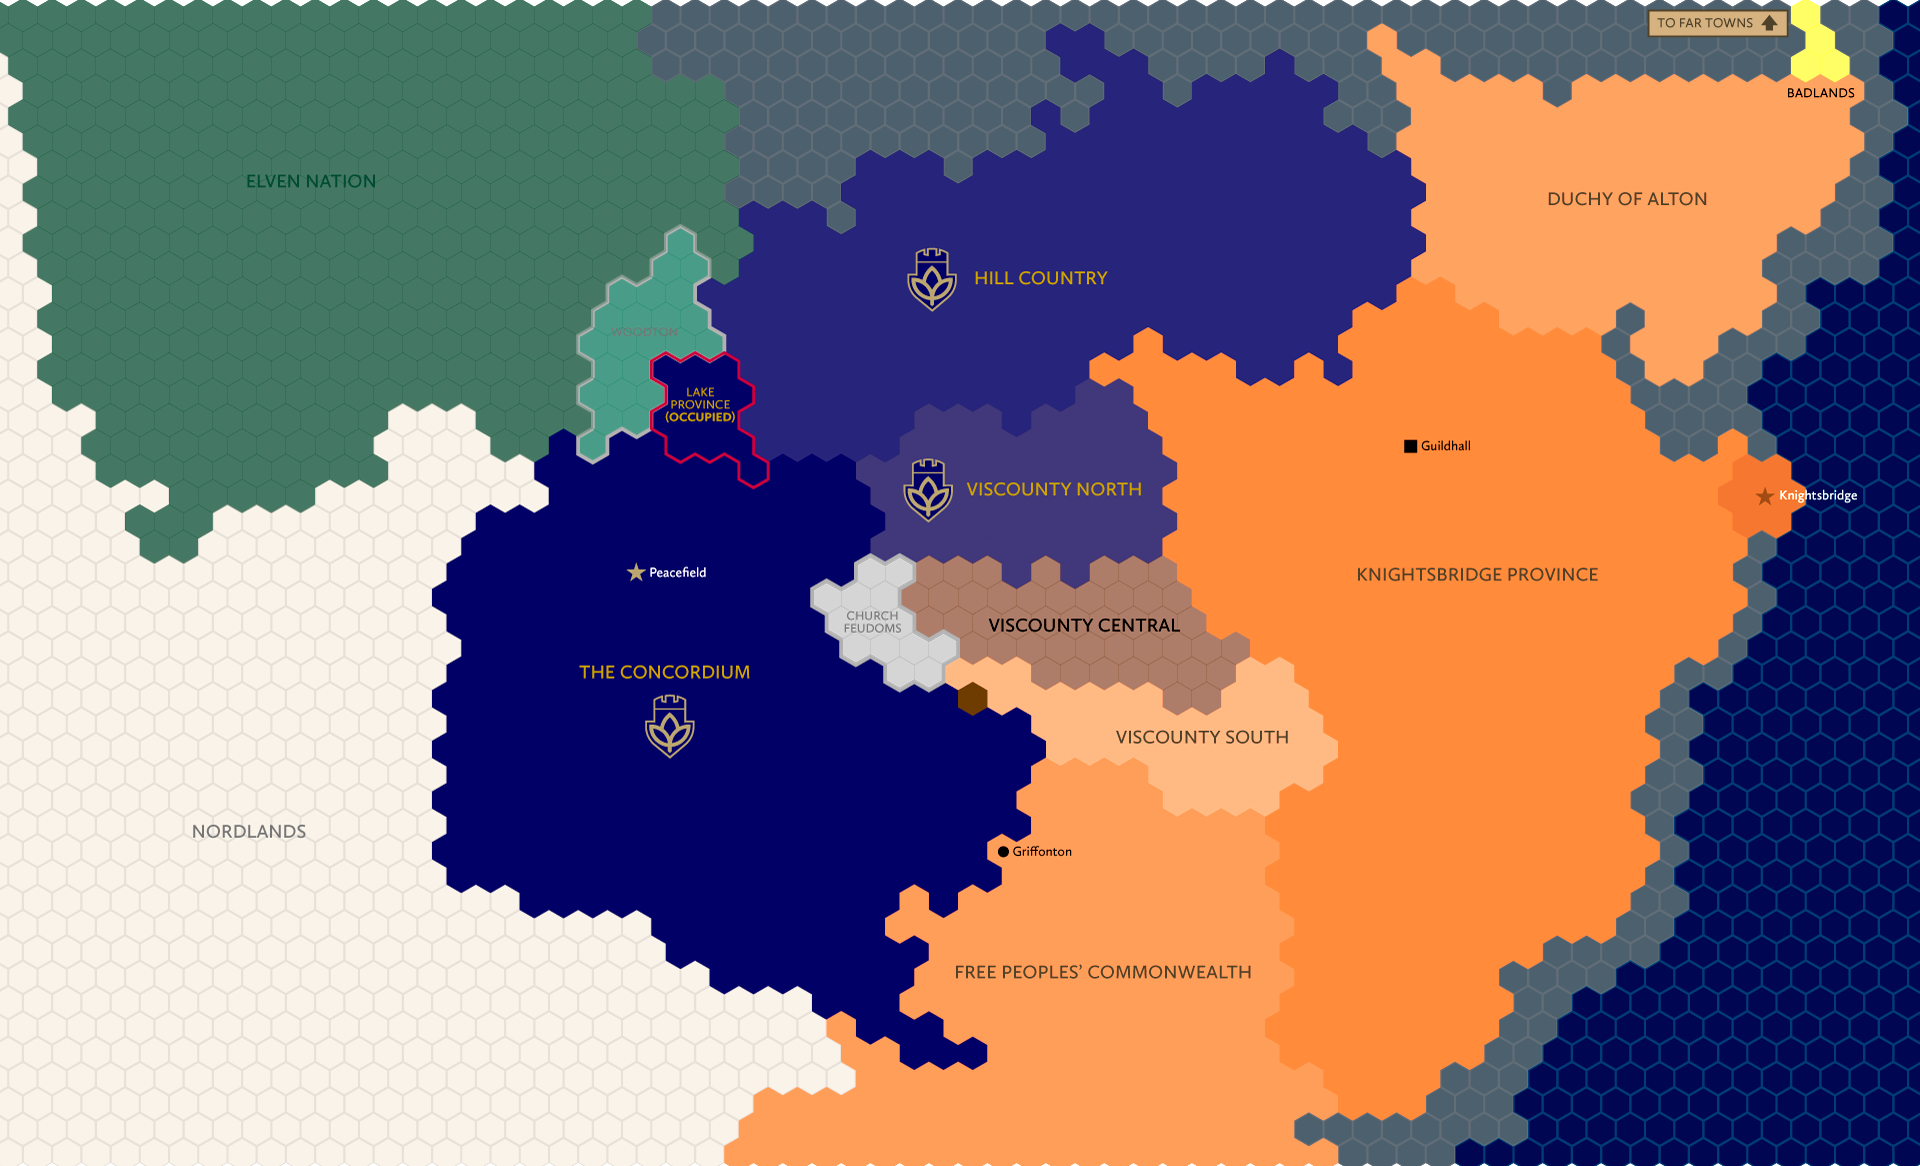 Knightsbridge-Map-War.png